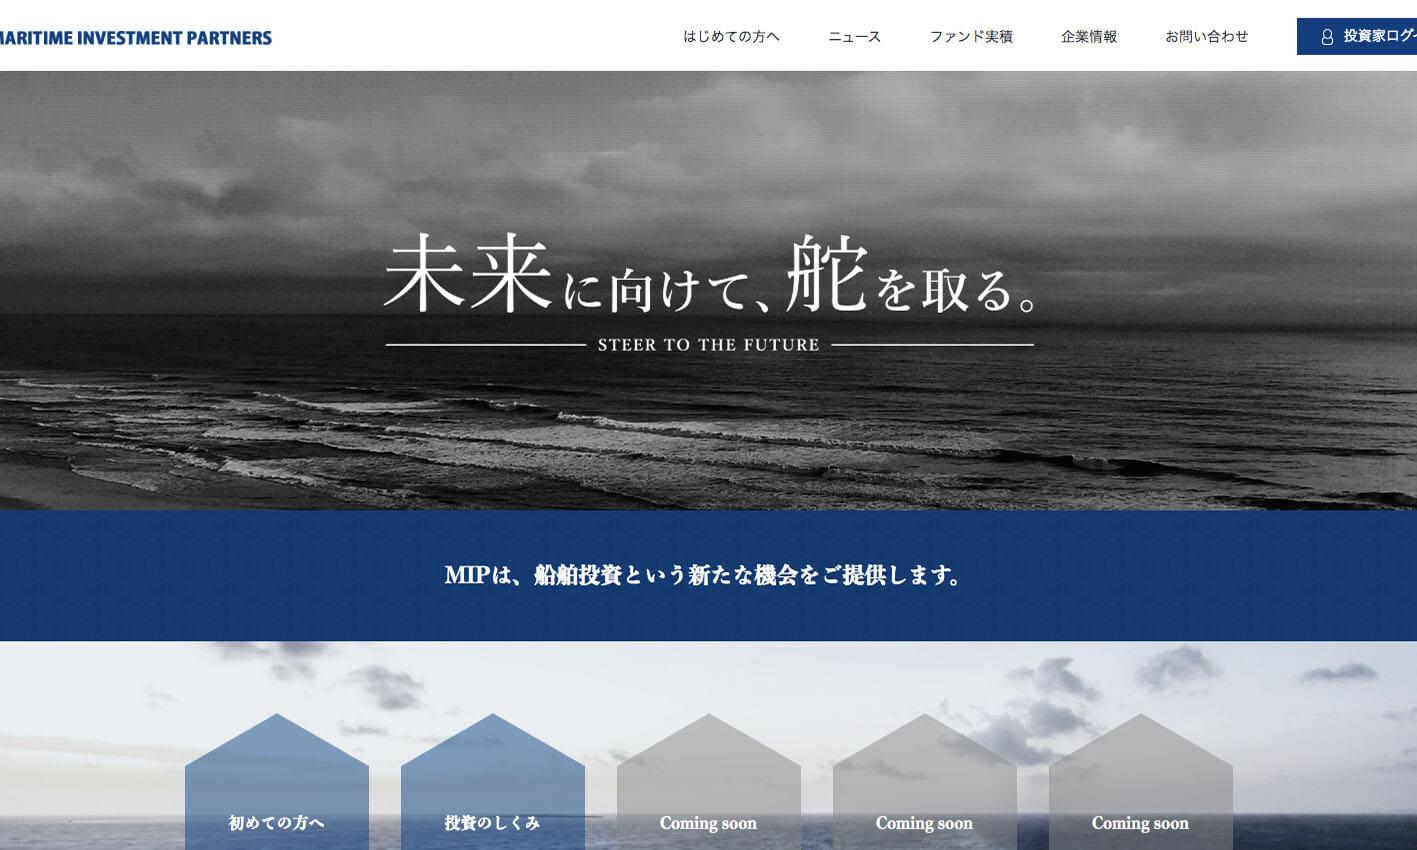 MIP株式会社